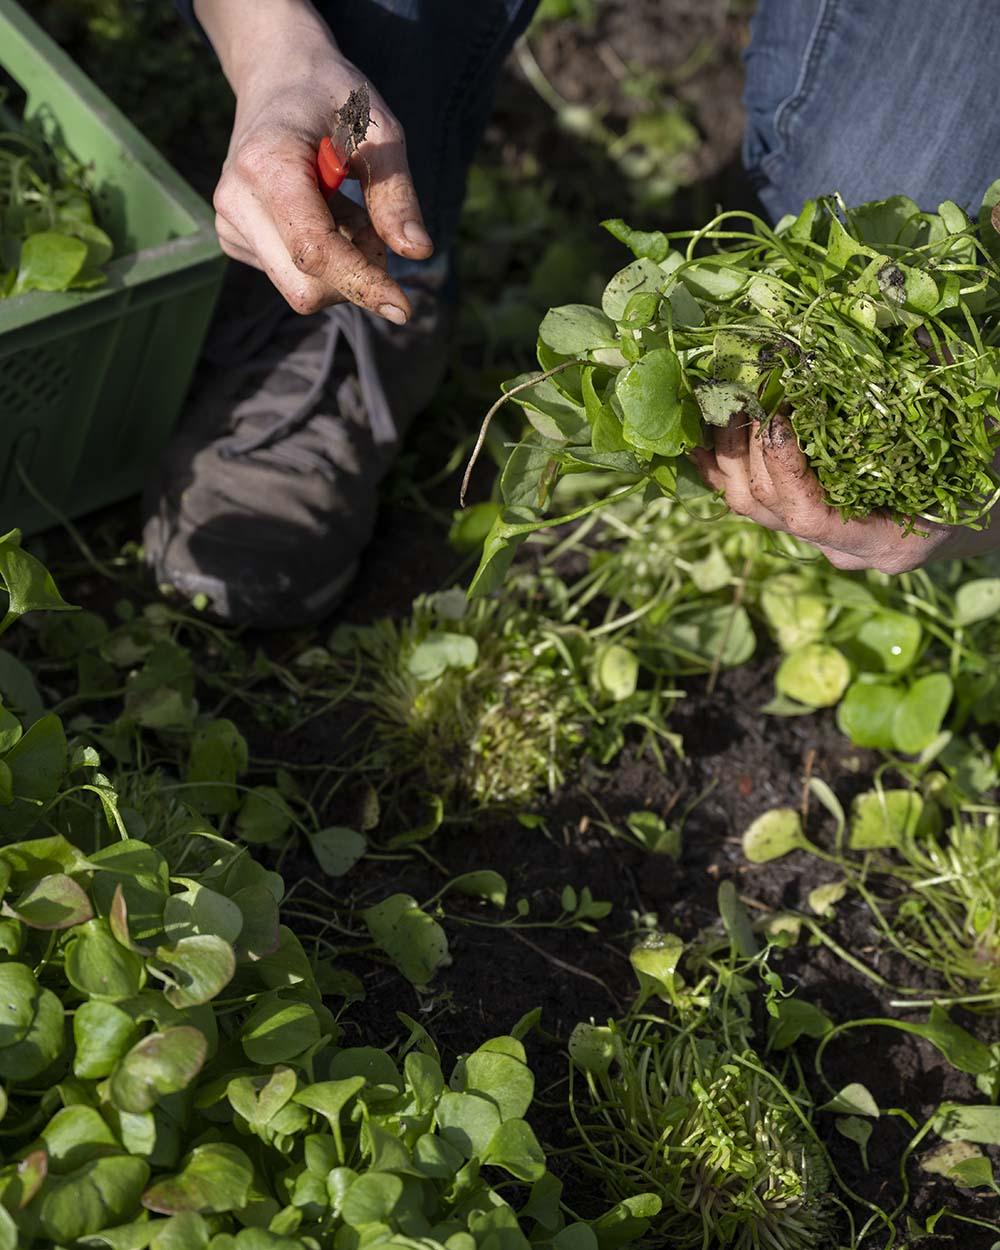 Nahaufnahme auf Jennis Hände: Sie schneidet einige Pflanzen Salat ab.